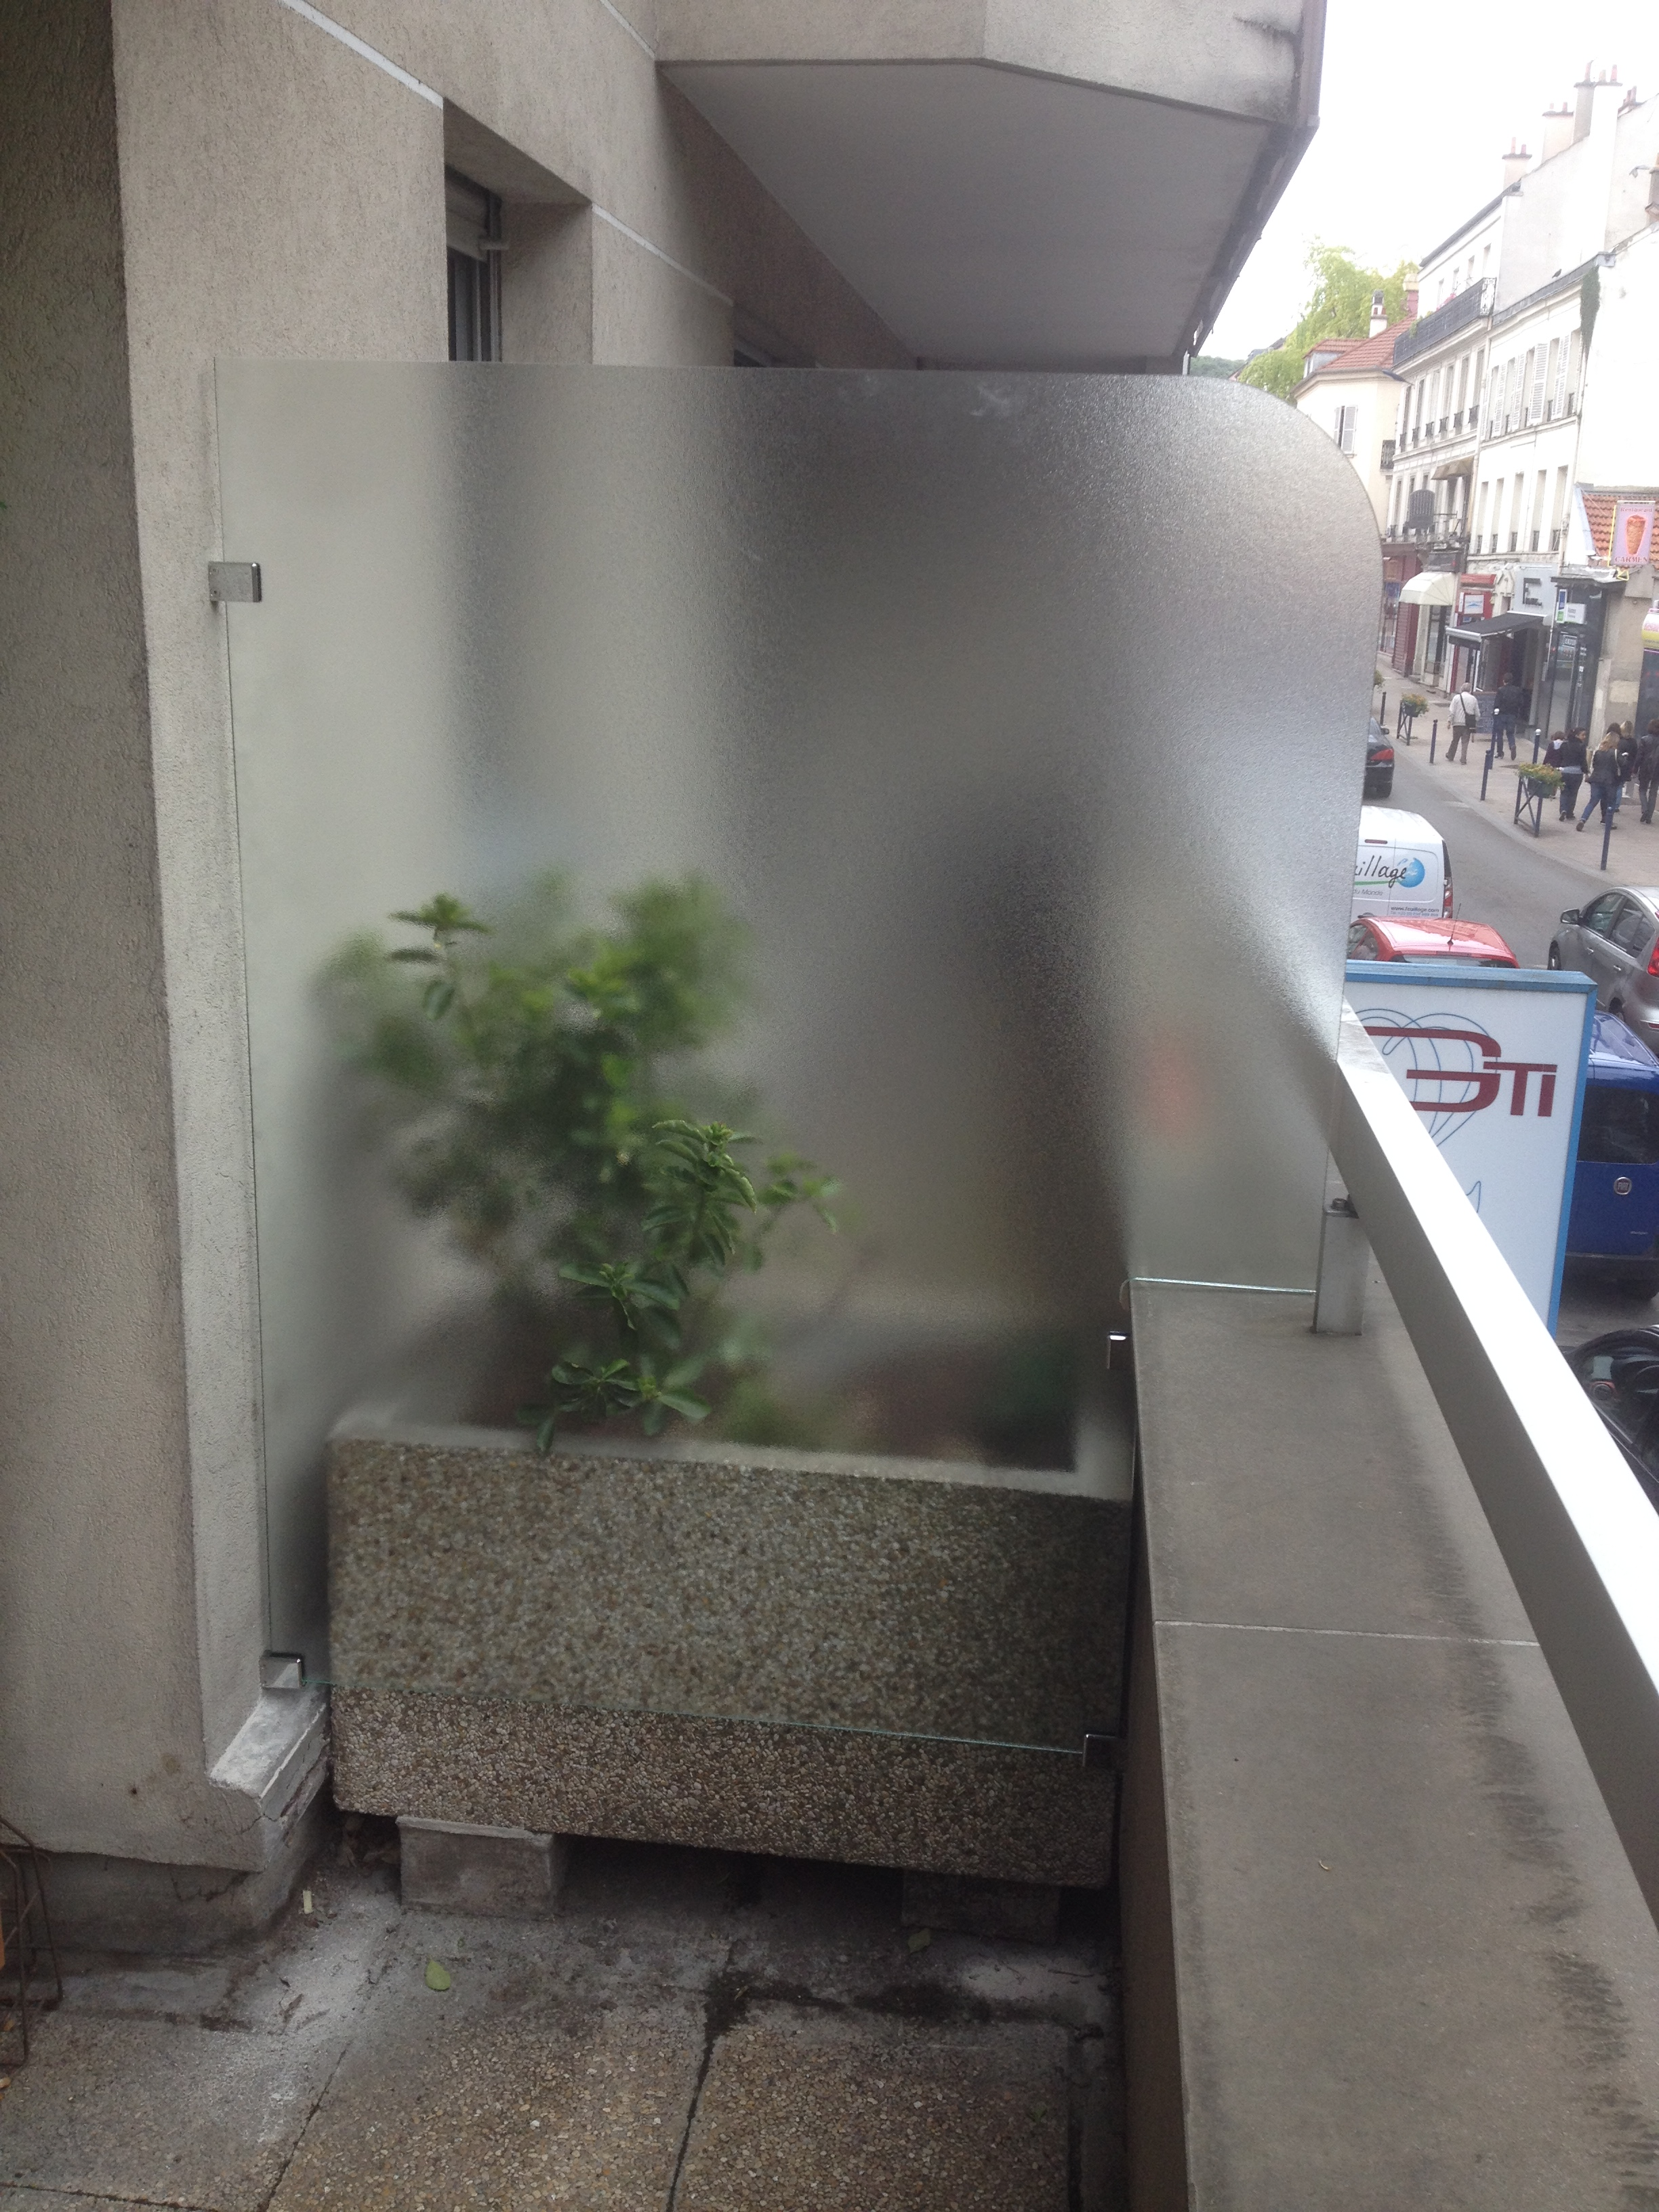 Miroiterie Clamart se rapportant à agencement pagegarde-corps séparation de balcon - miroiterie de clamart